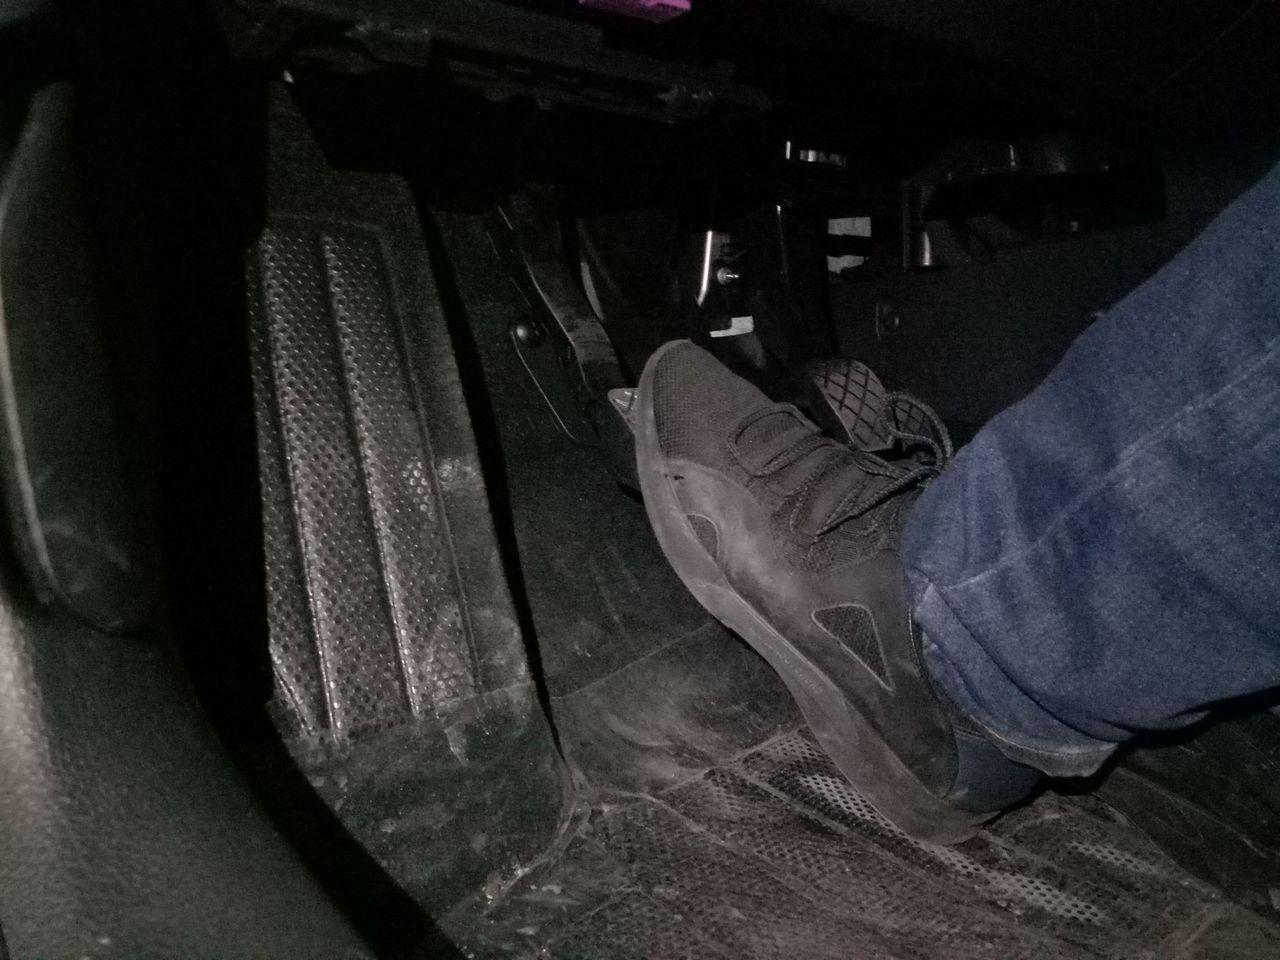 倒车的时候该如何踩离合器